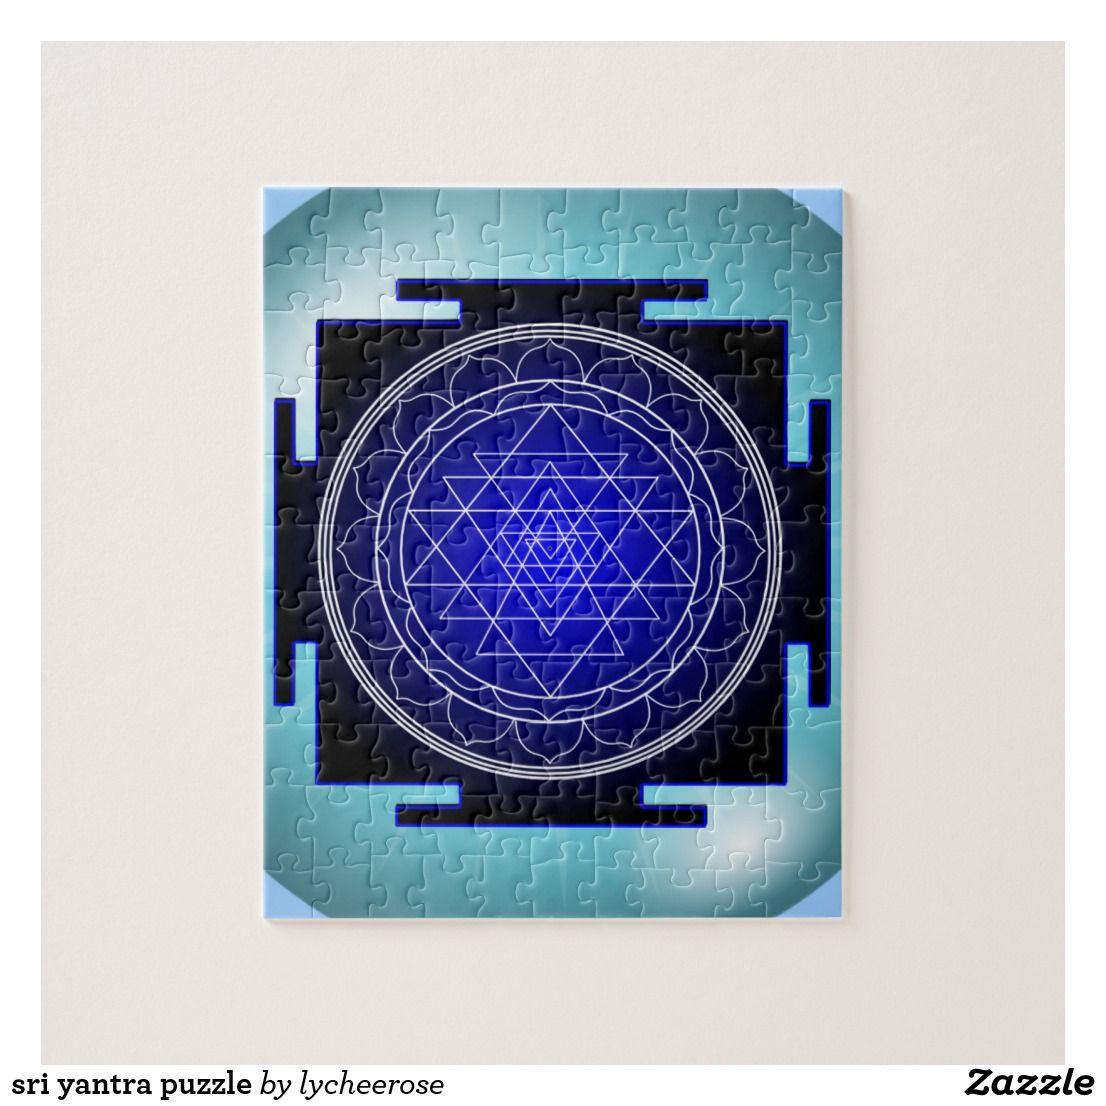 sri yantra puzzle Sri yantra, Puzzle, Zazzle